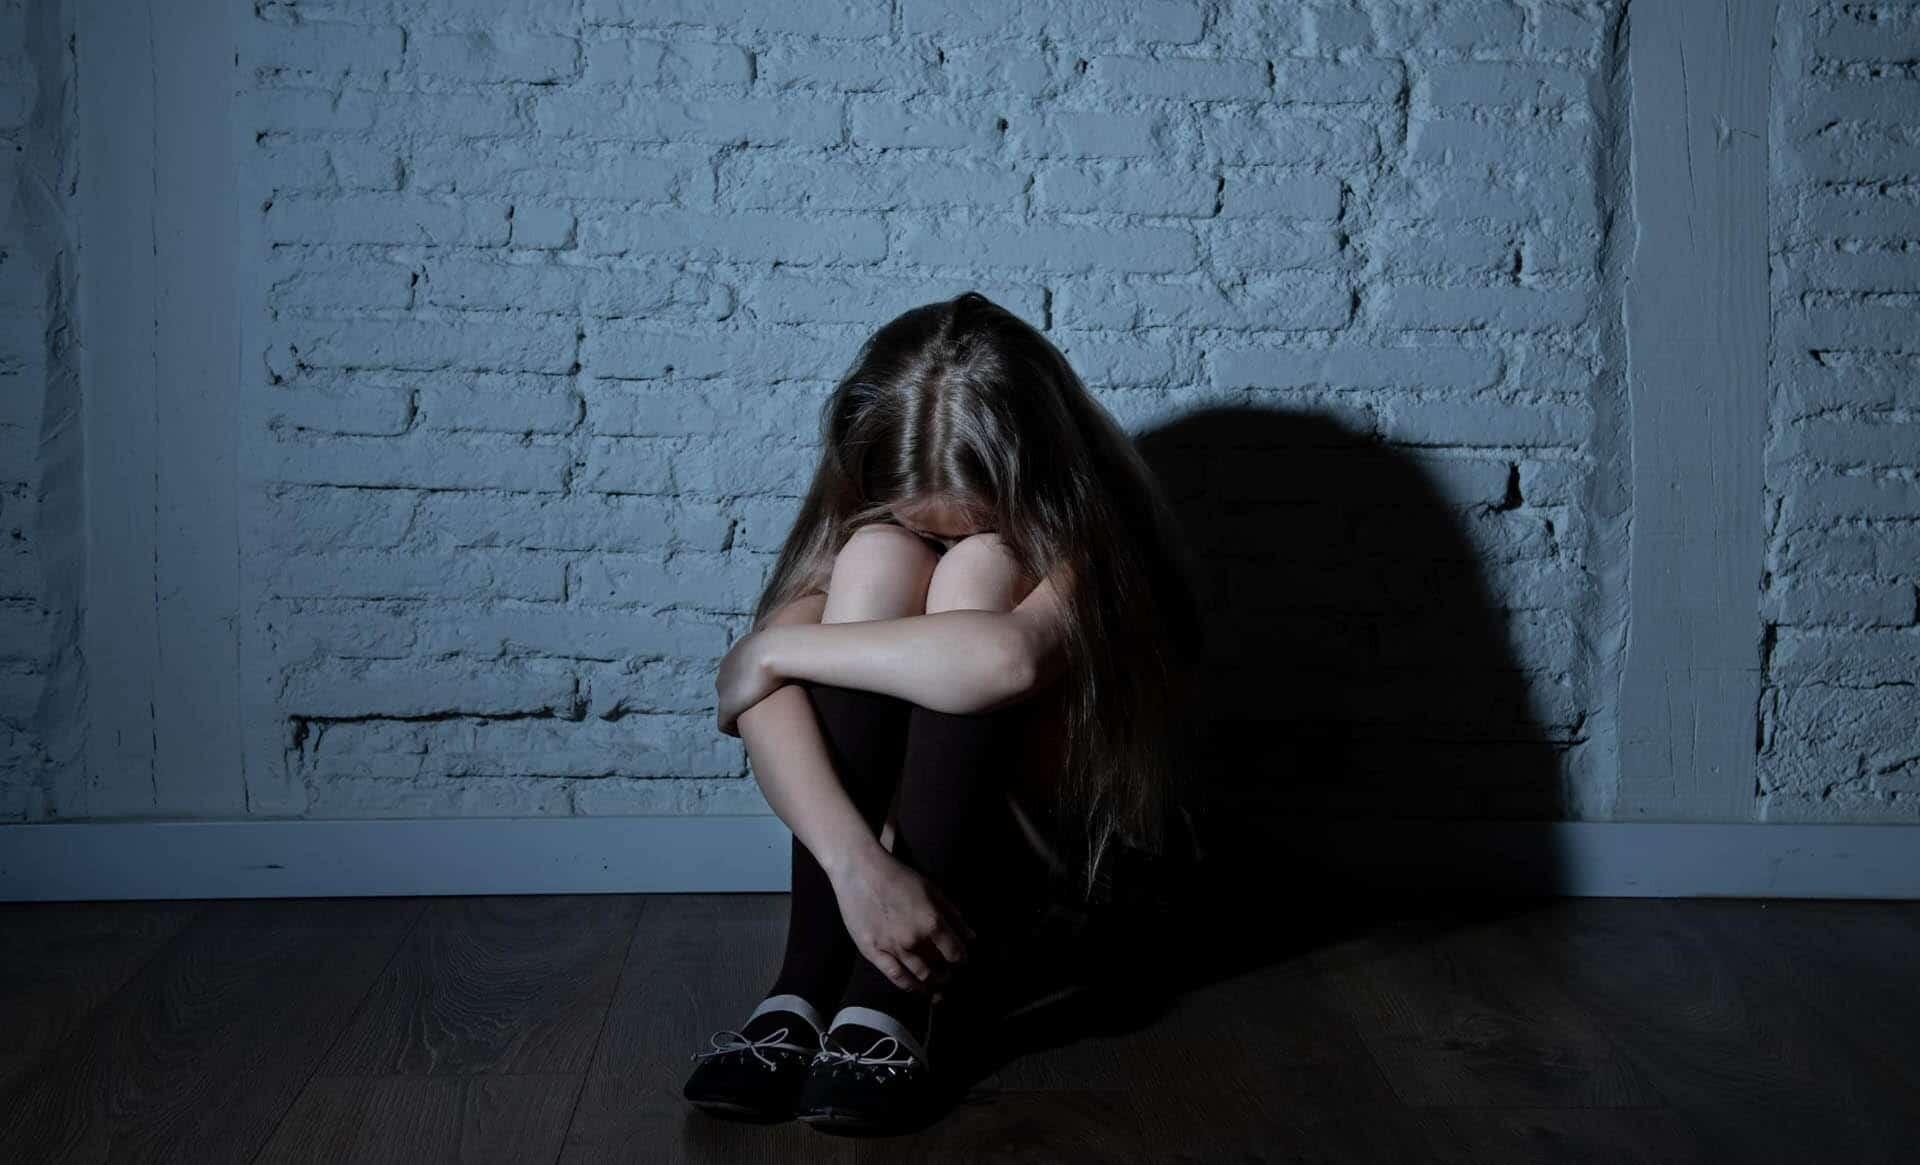 sygnaly ostrzegawcze przemocy emocjonalnej wobec dzieci